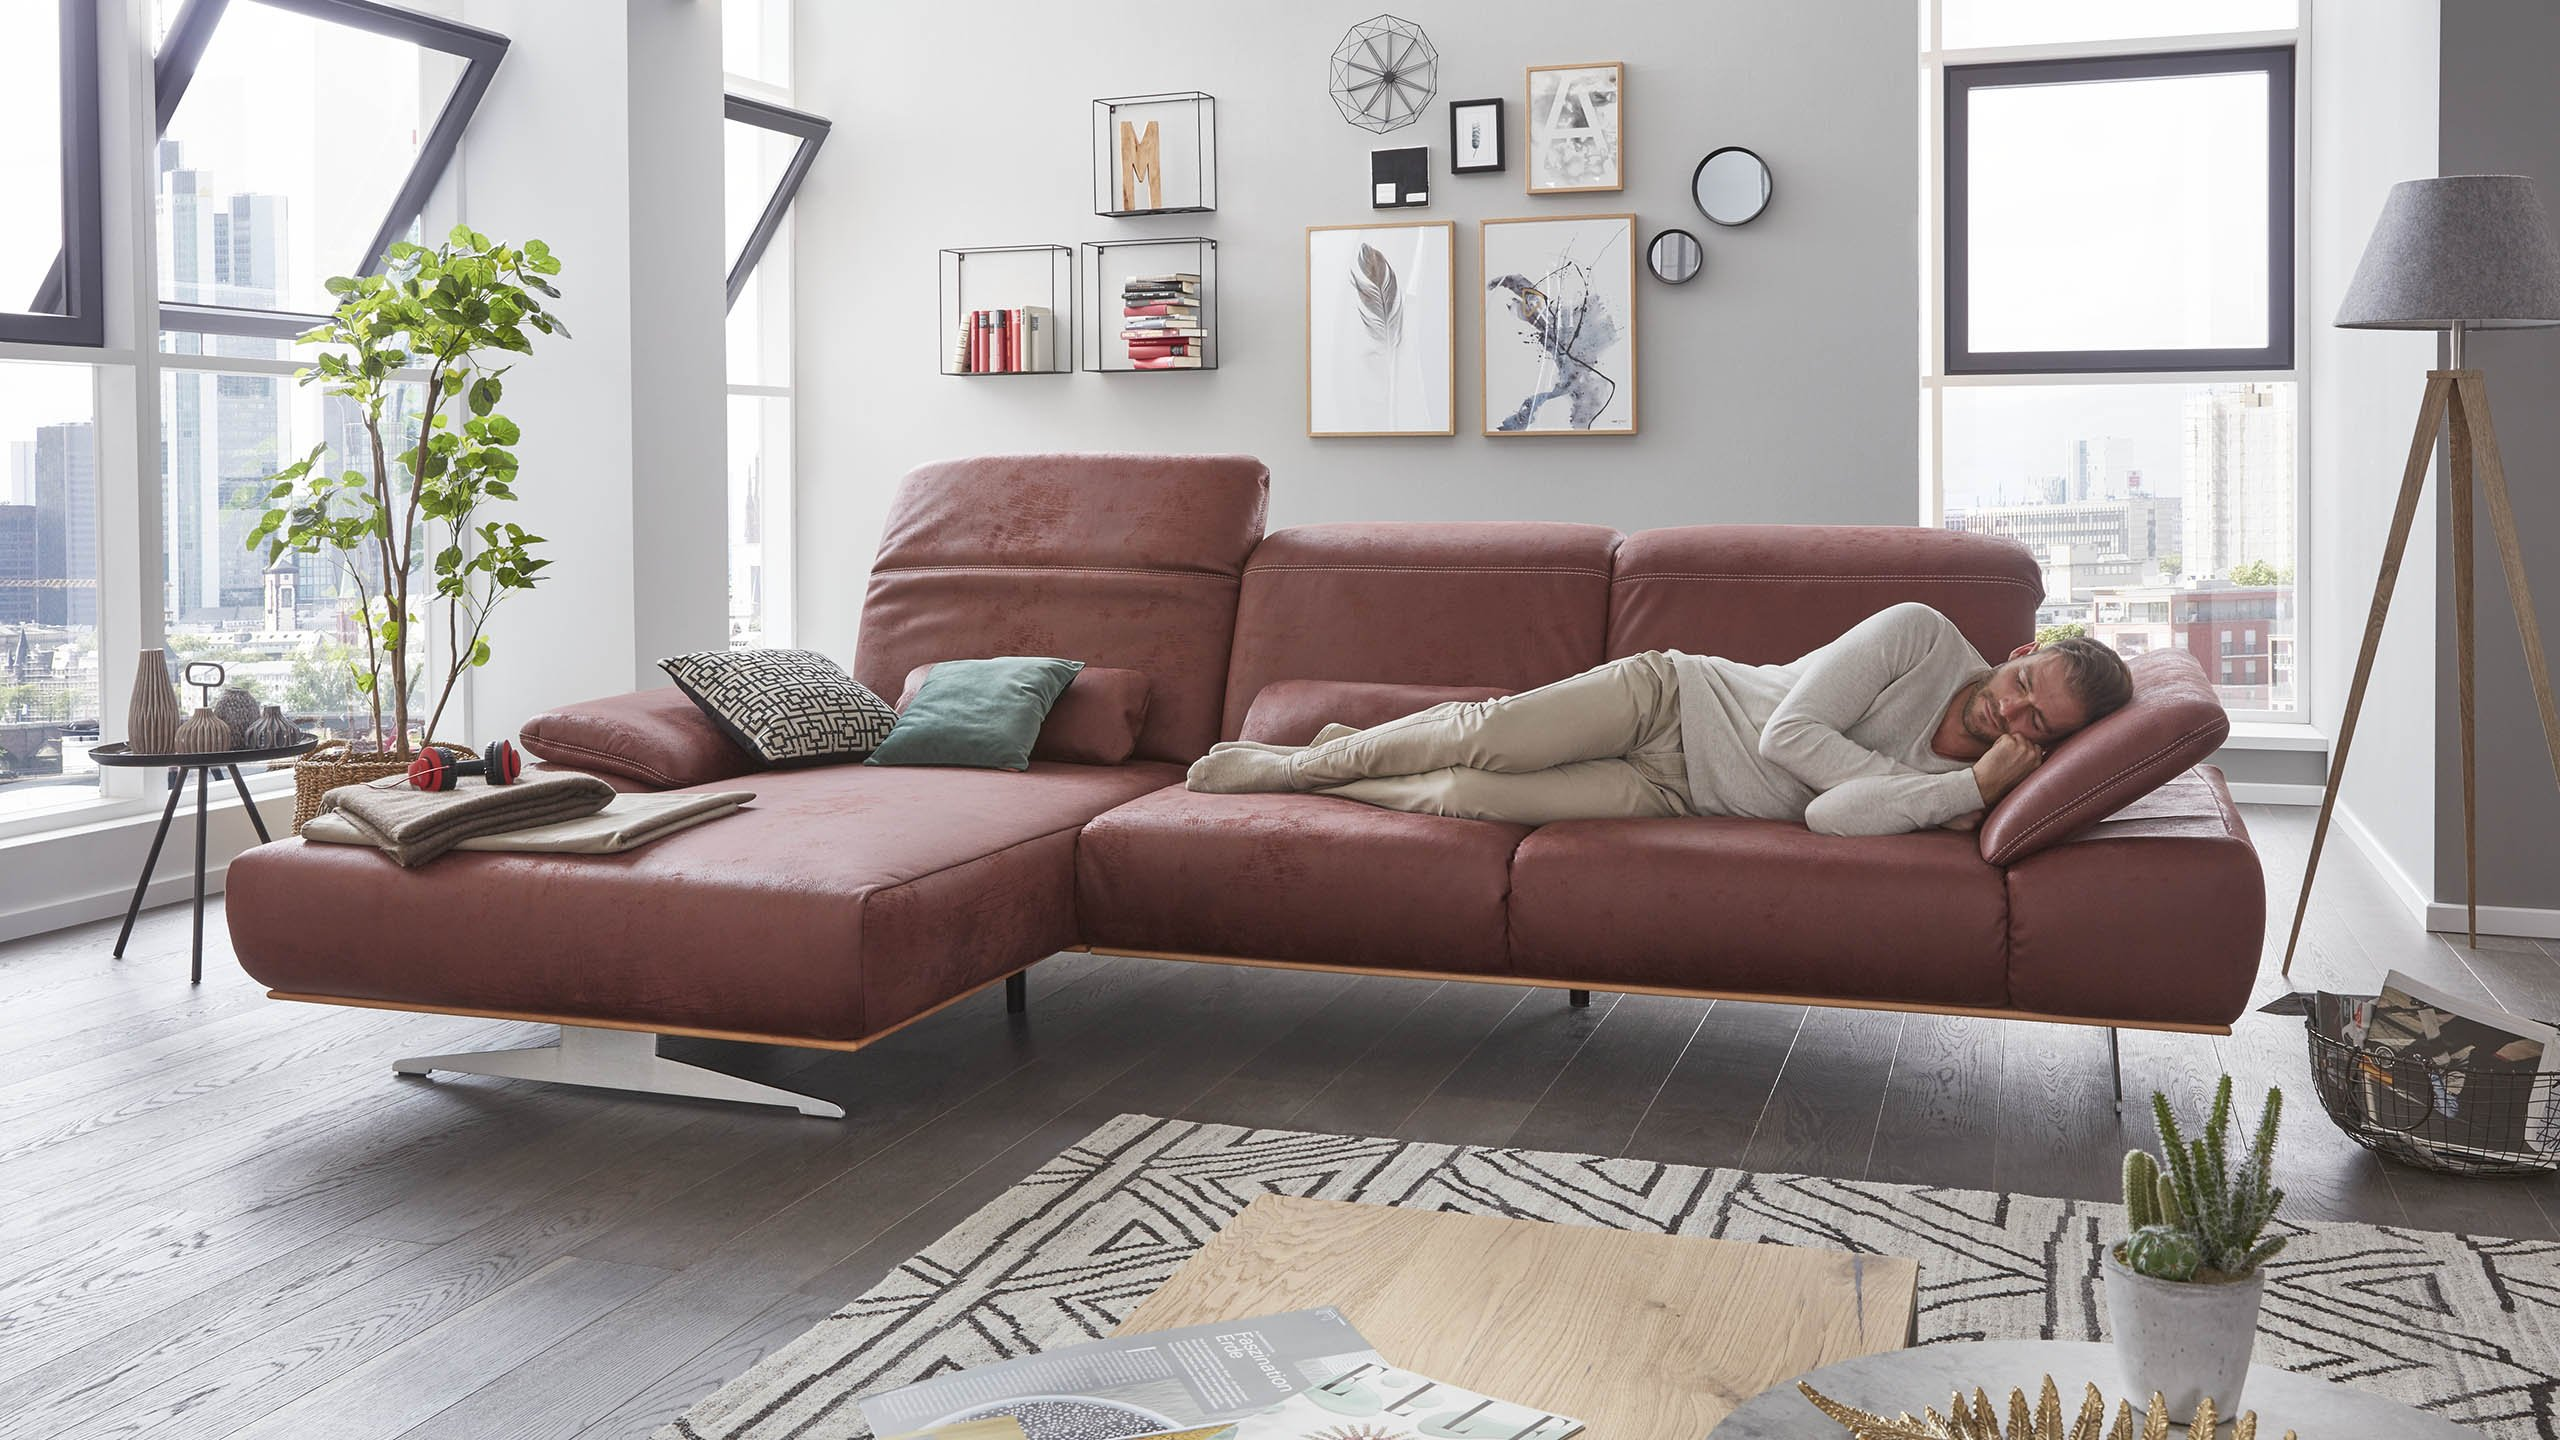 Interliving-Sofa-Serie-4300-Armlehnenverstellung